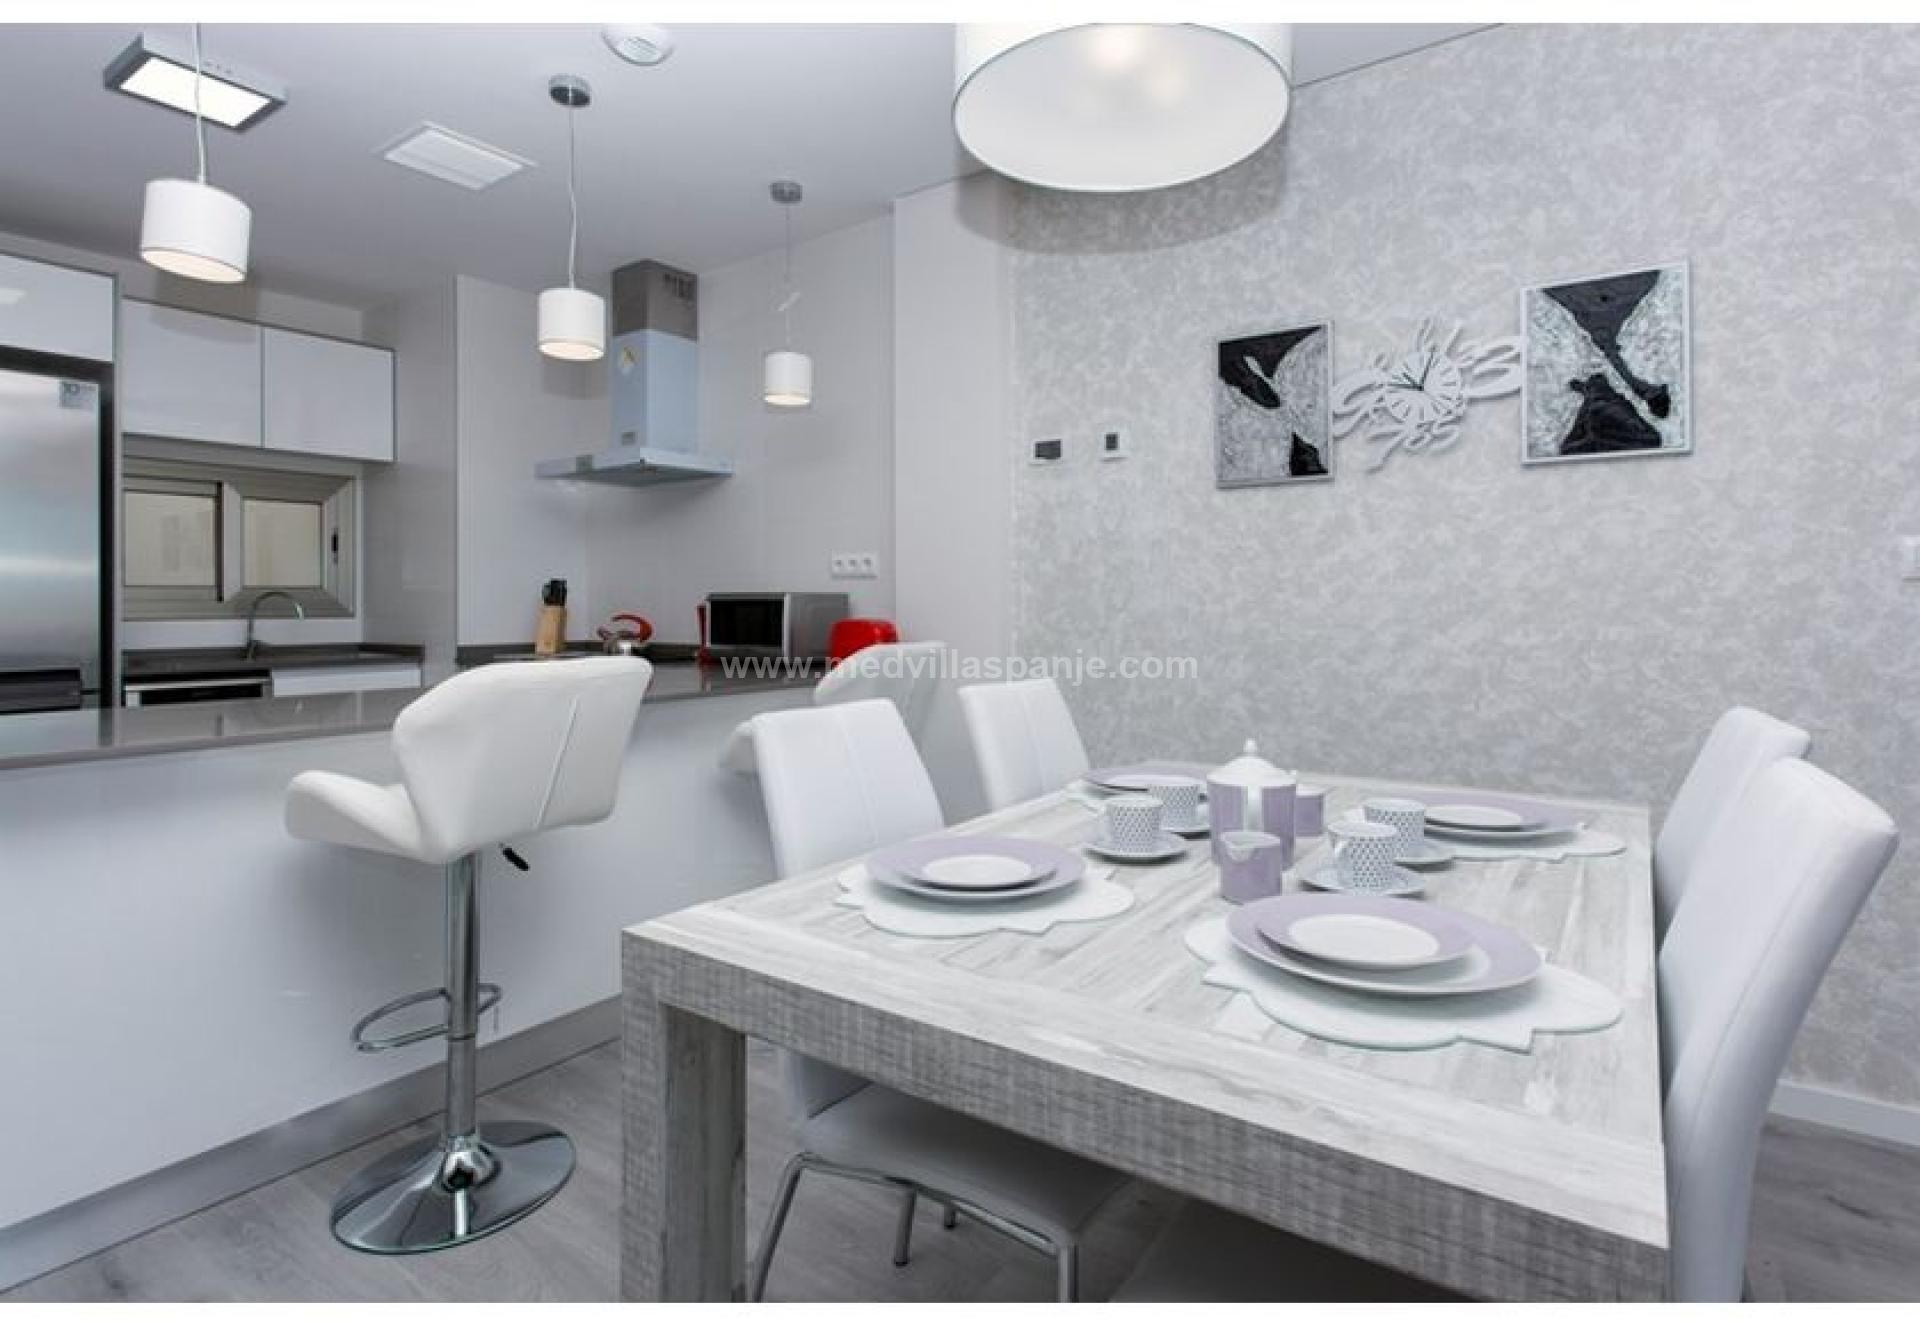 2 bedroom Apartment in La Zenia - New build in Medvilla Spanje